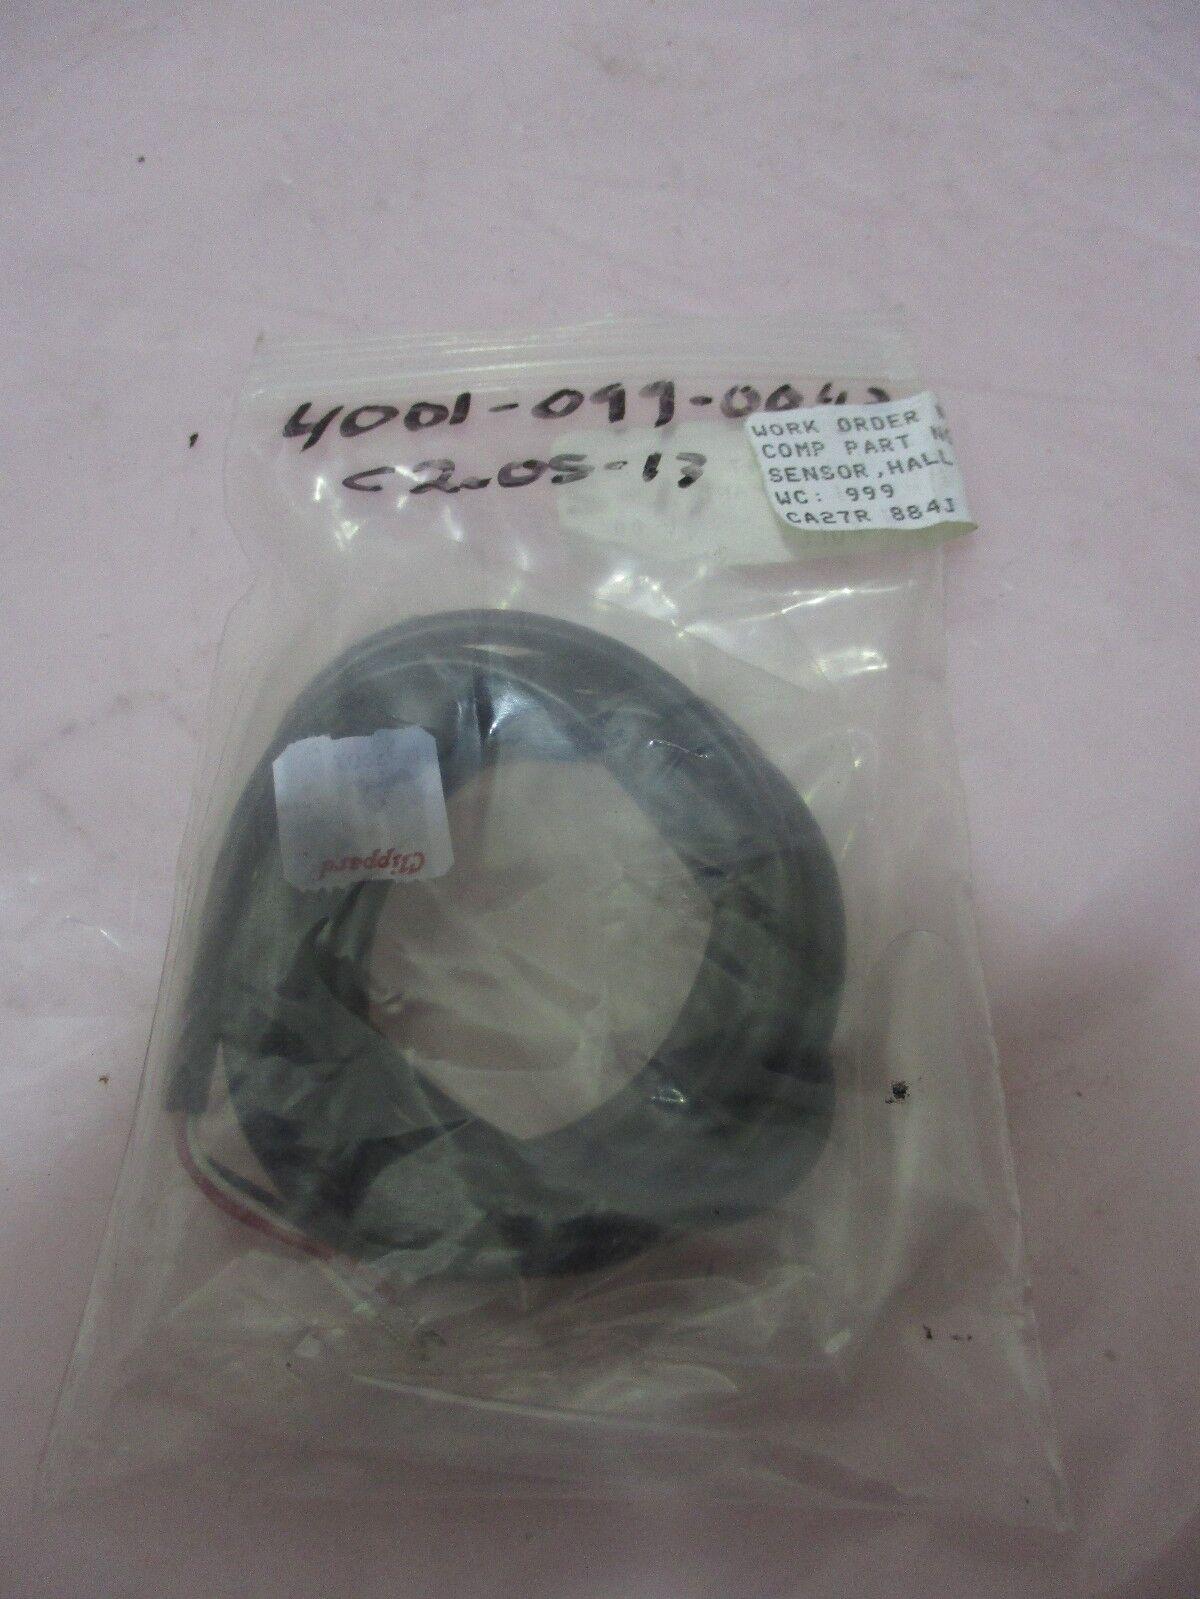 Clippard HS-9901 Hall Effect Sensor, OnTrak 80-0002-047, 4001-099-0042, 420256